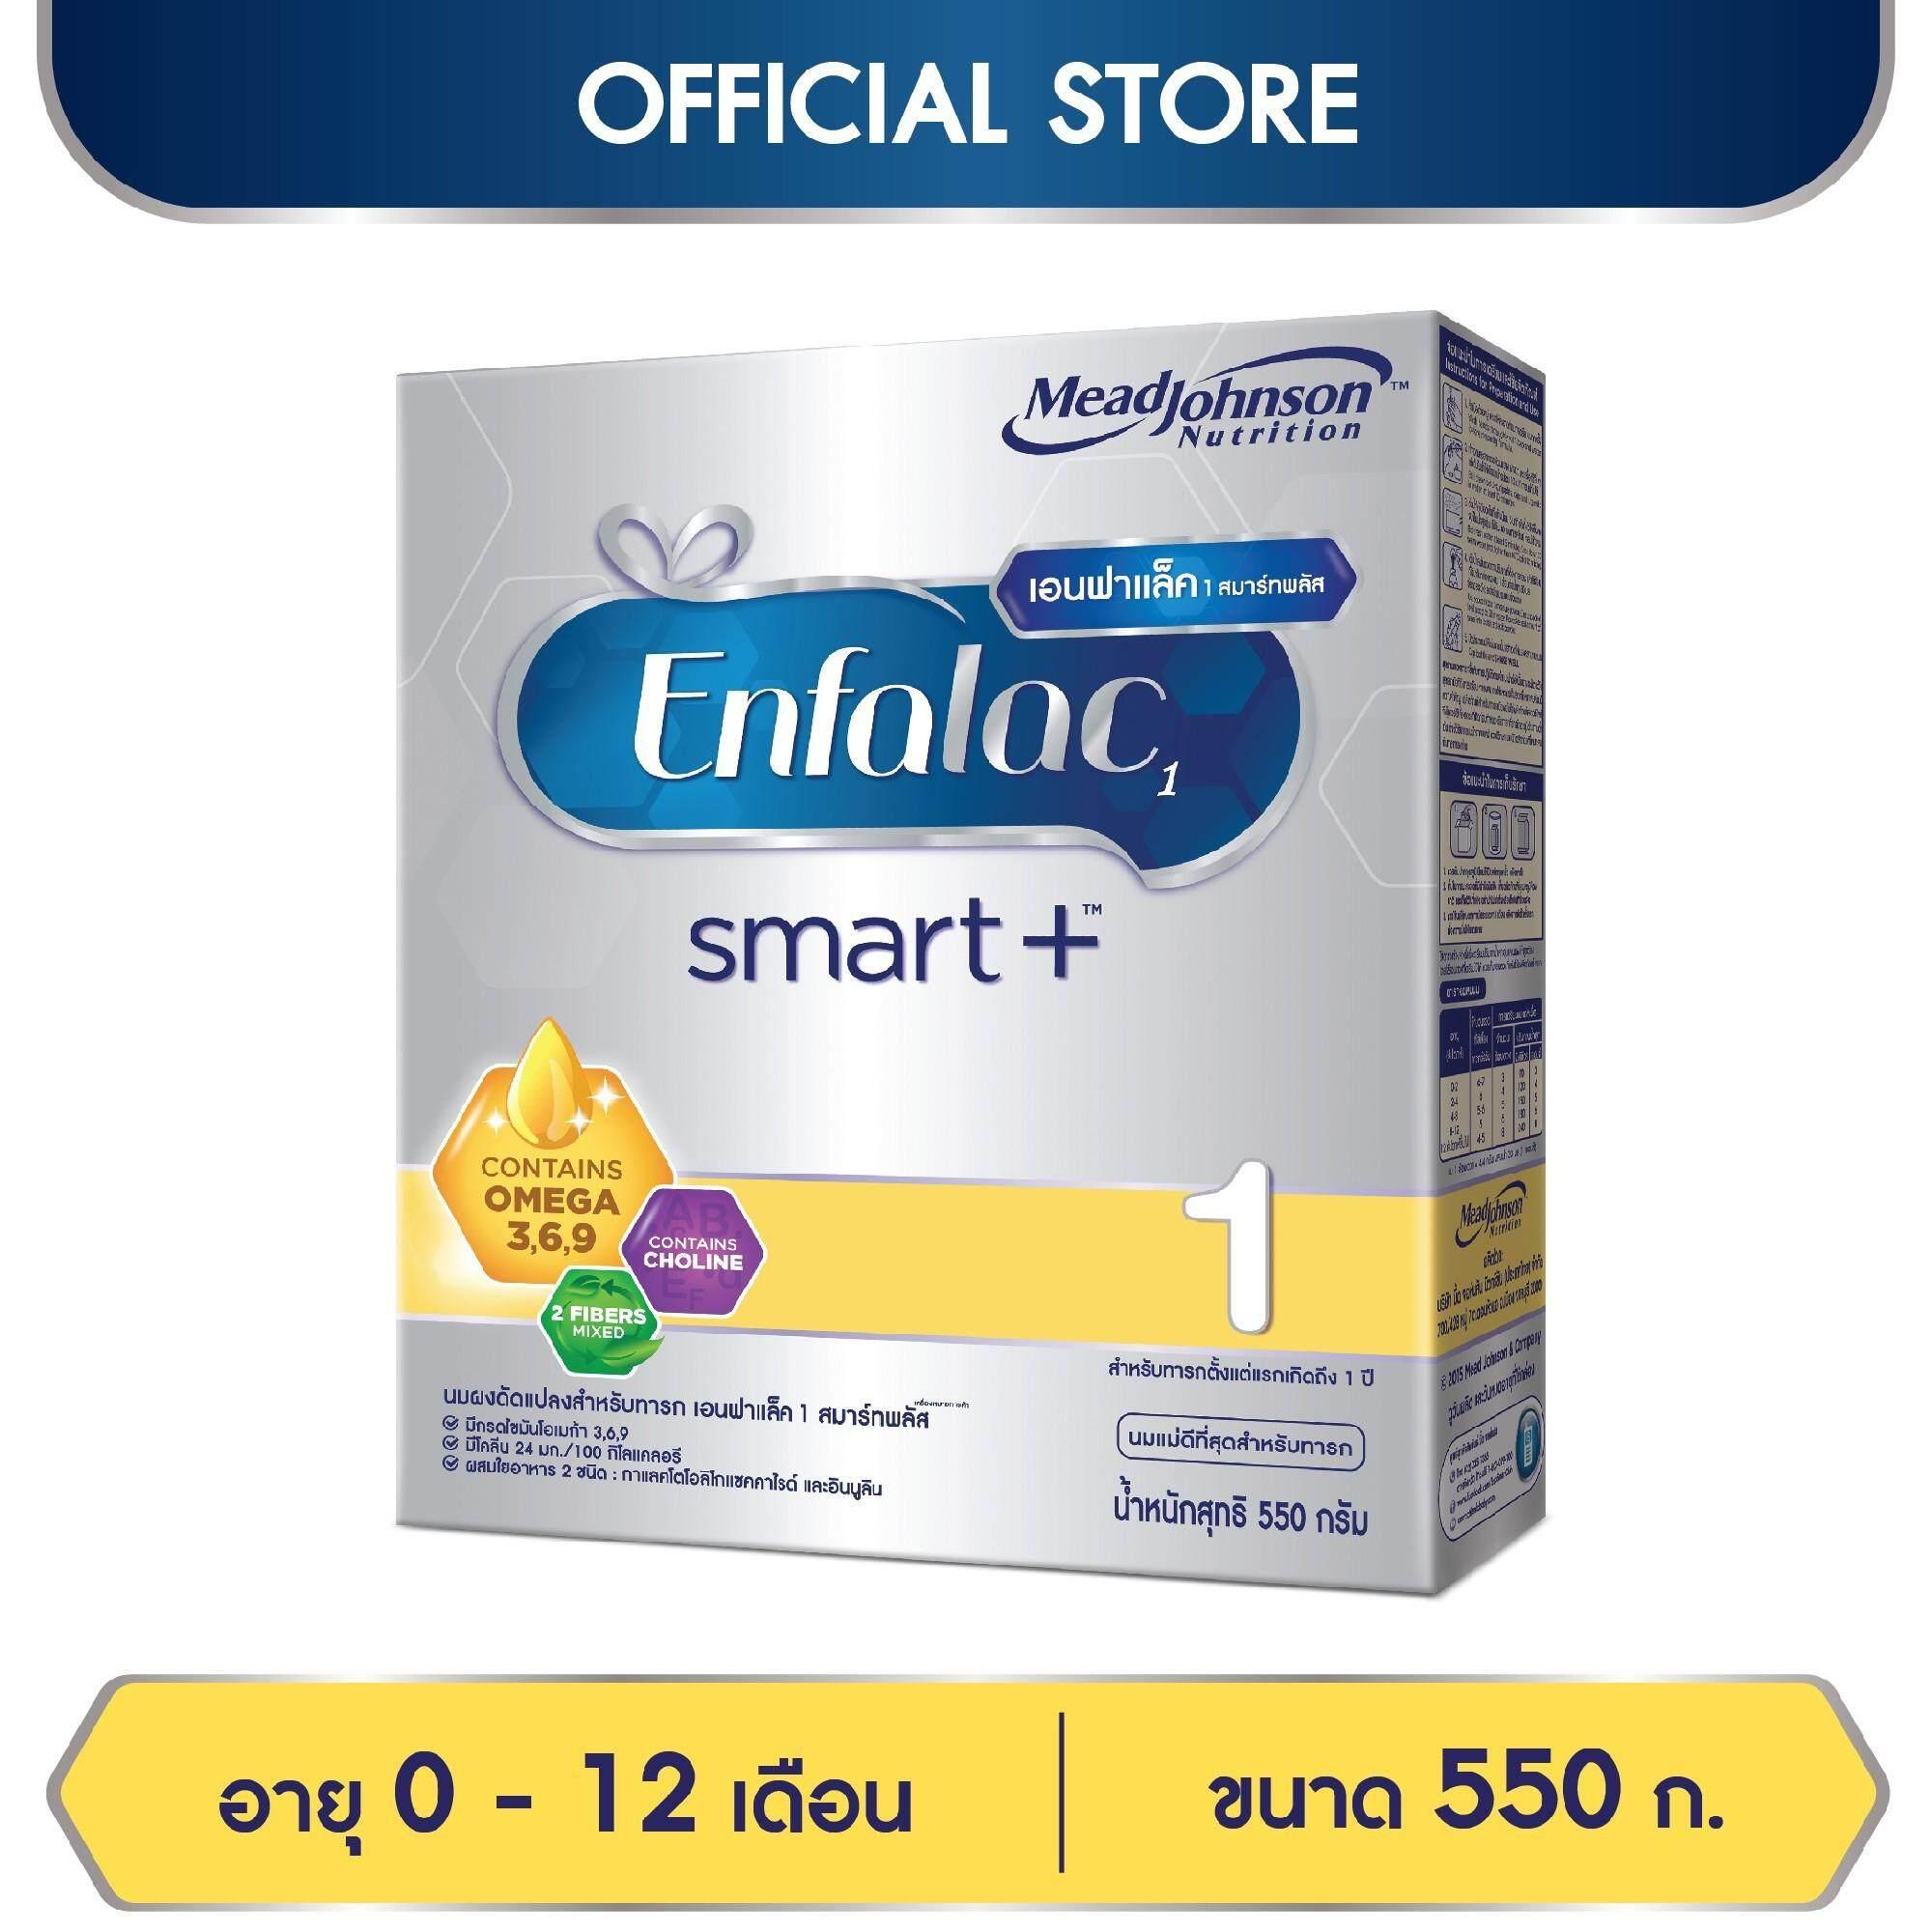 ซื้อ  นมผง Enfalac เอนฟาแล็ค สมาร์ทพลัส สูตร 1 สำหรับ ทารก เด็กแรกเกิด เด็กเล็ก 550 กรัม   สำหรับขาย ของแท้